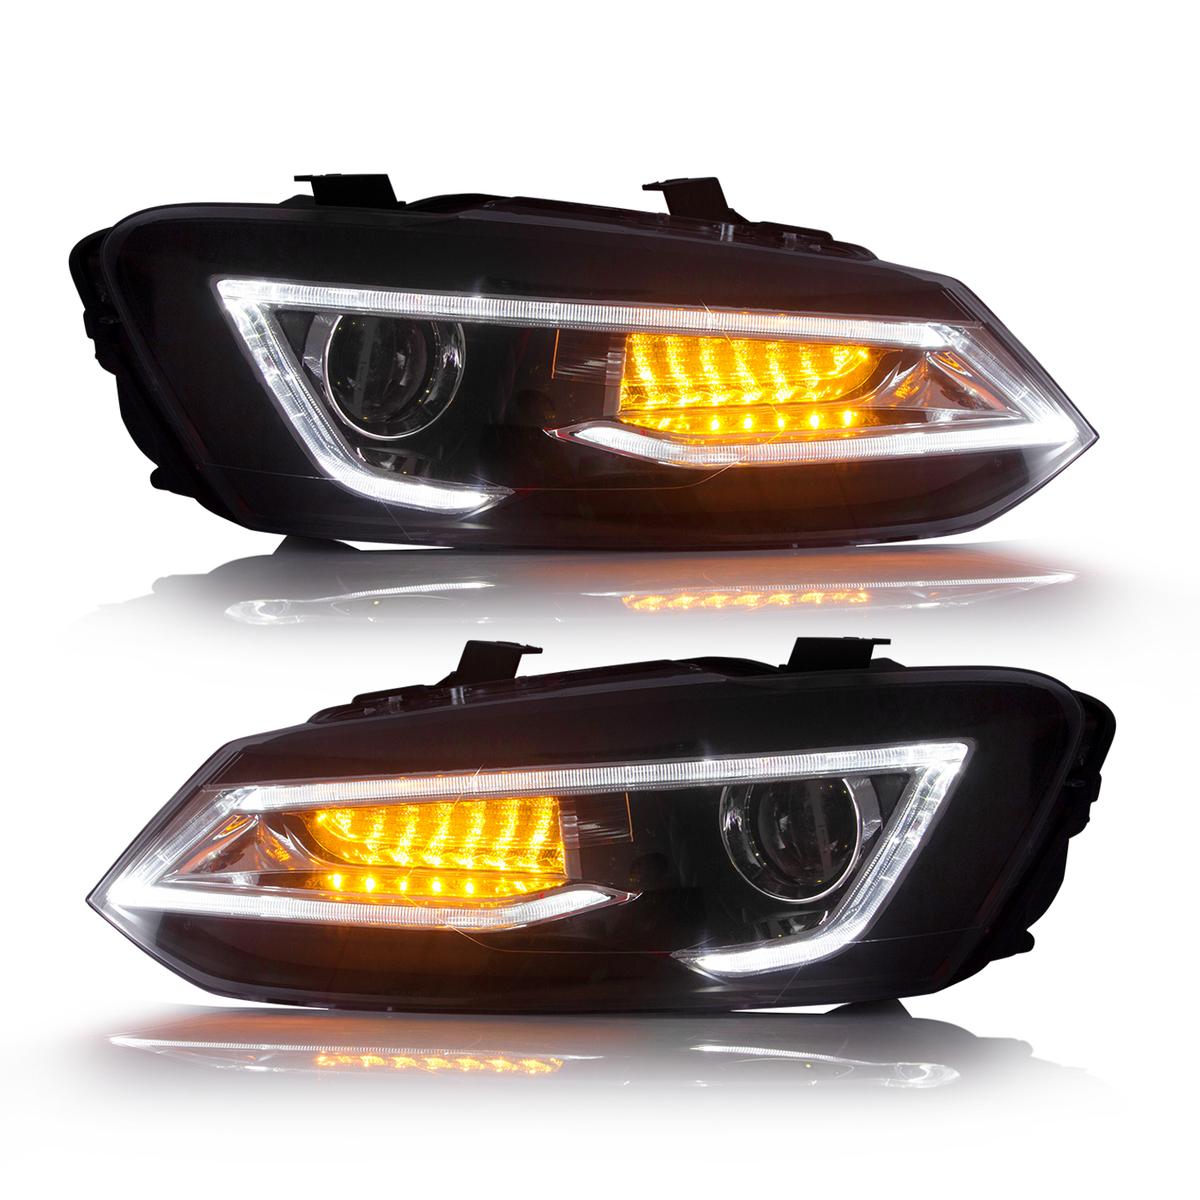 フォルクスワーゲンポロ 6R DRLスタイル ヘッドライト ダブル プロジェクター USEKA 定番の人気シリーズPOINT(ポイント)入荷 フォルクスワーゲン VW ポロ polo 6R用 LAMPS 2011-2017 FOR バルブは別売り LIGHTS Volkswagen 待望 左右セット新品 POLO HEAD ヘッドランプ LED 11-17年